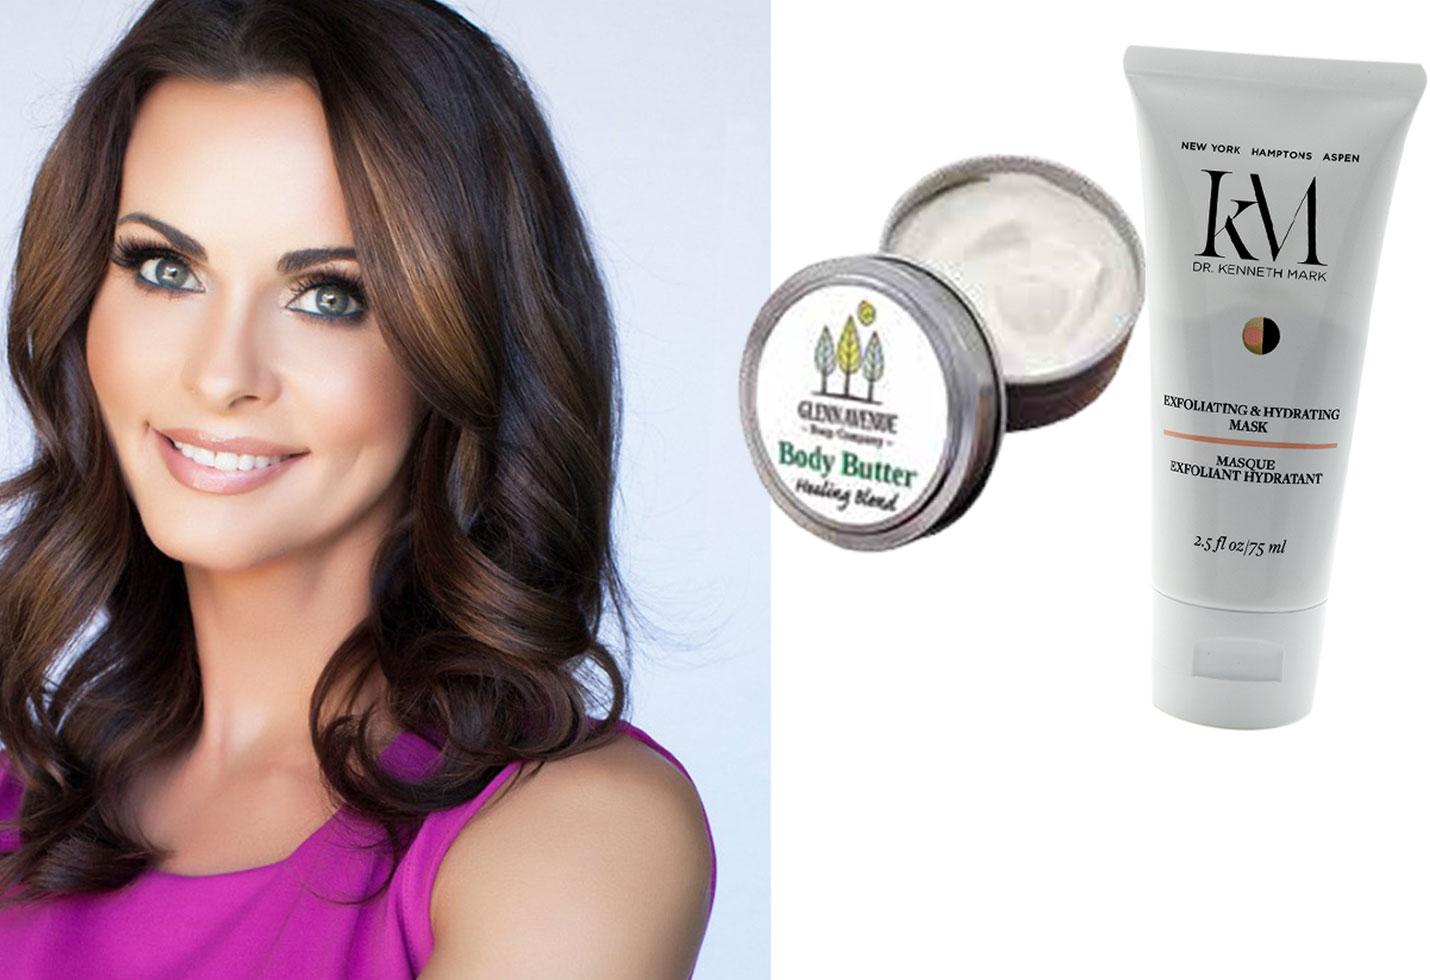 Karen mcdougal beauty products procedures star